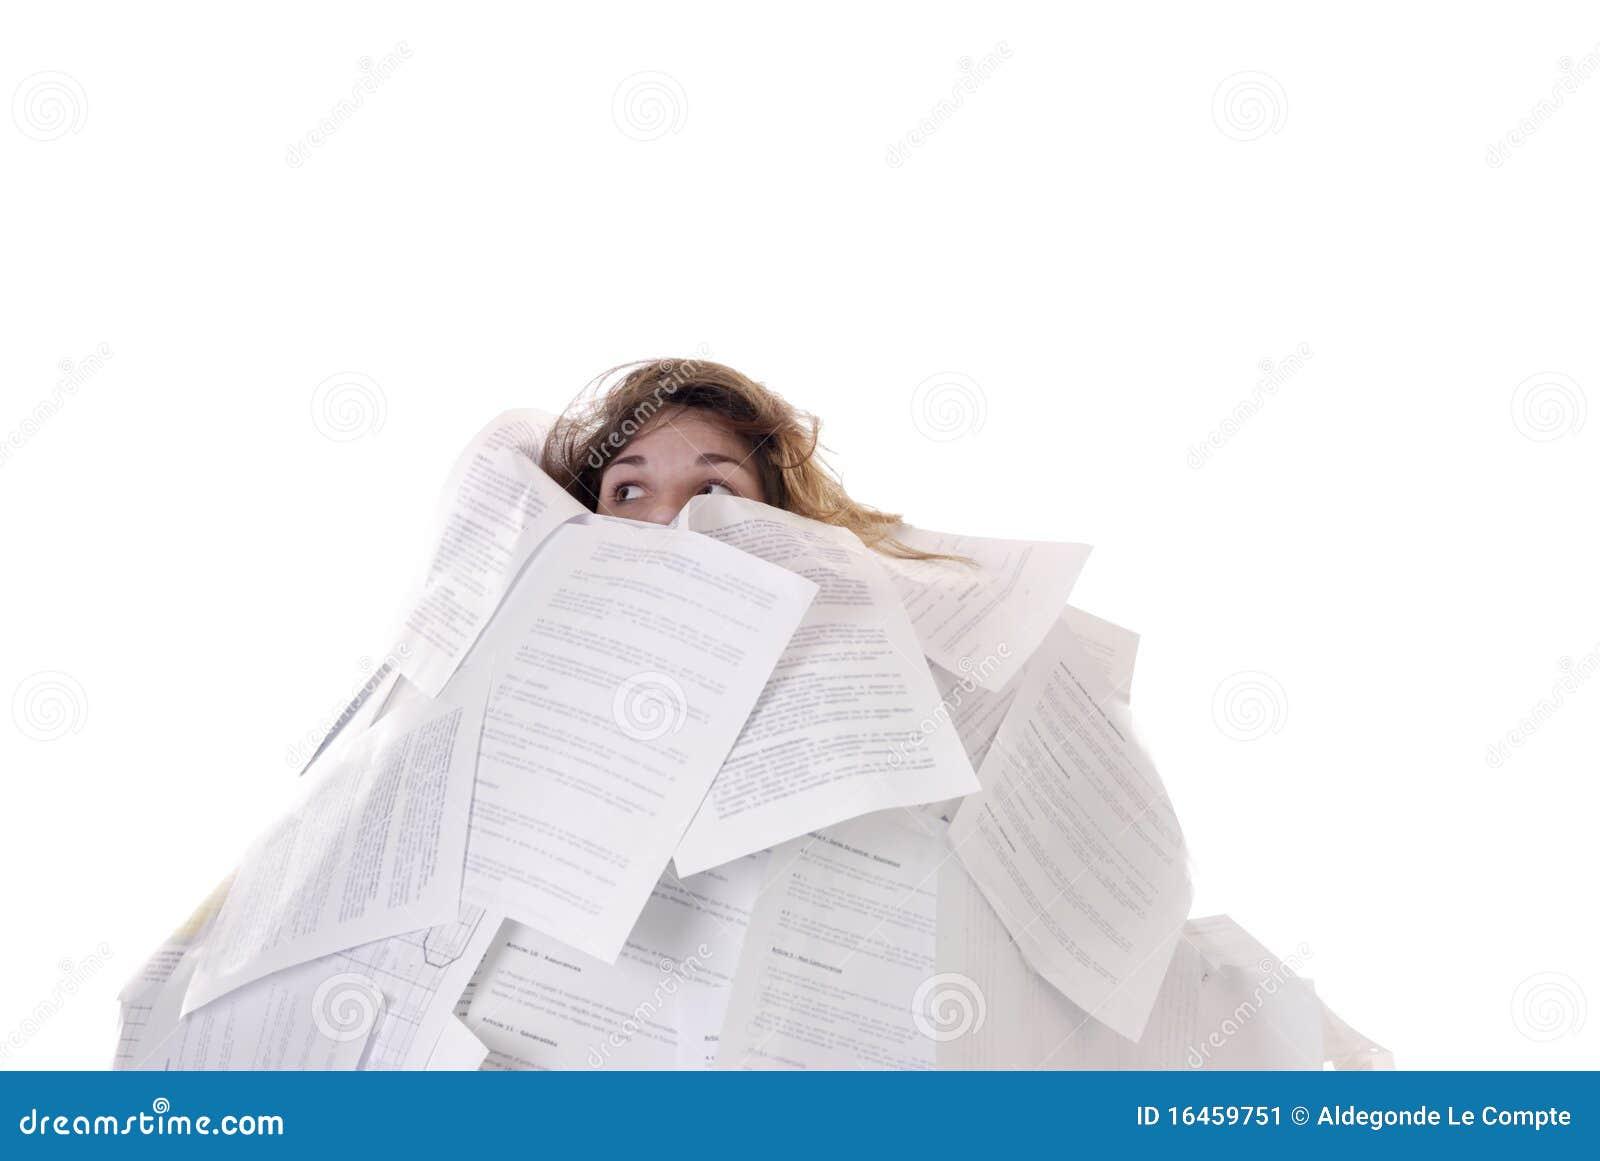 Troubles archive essays